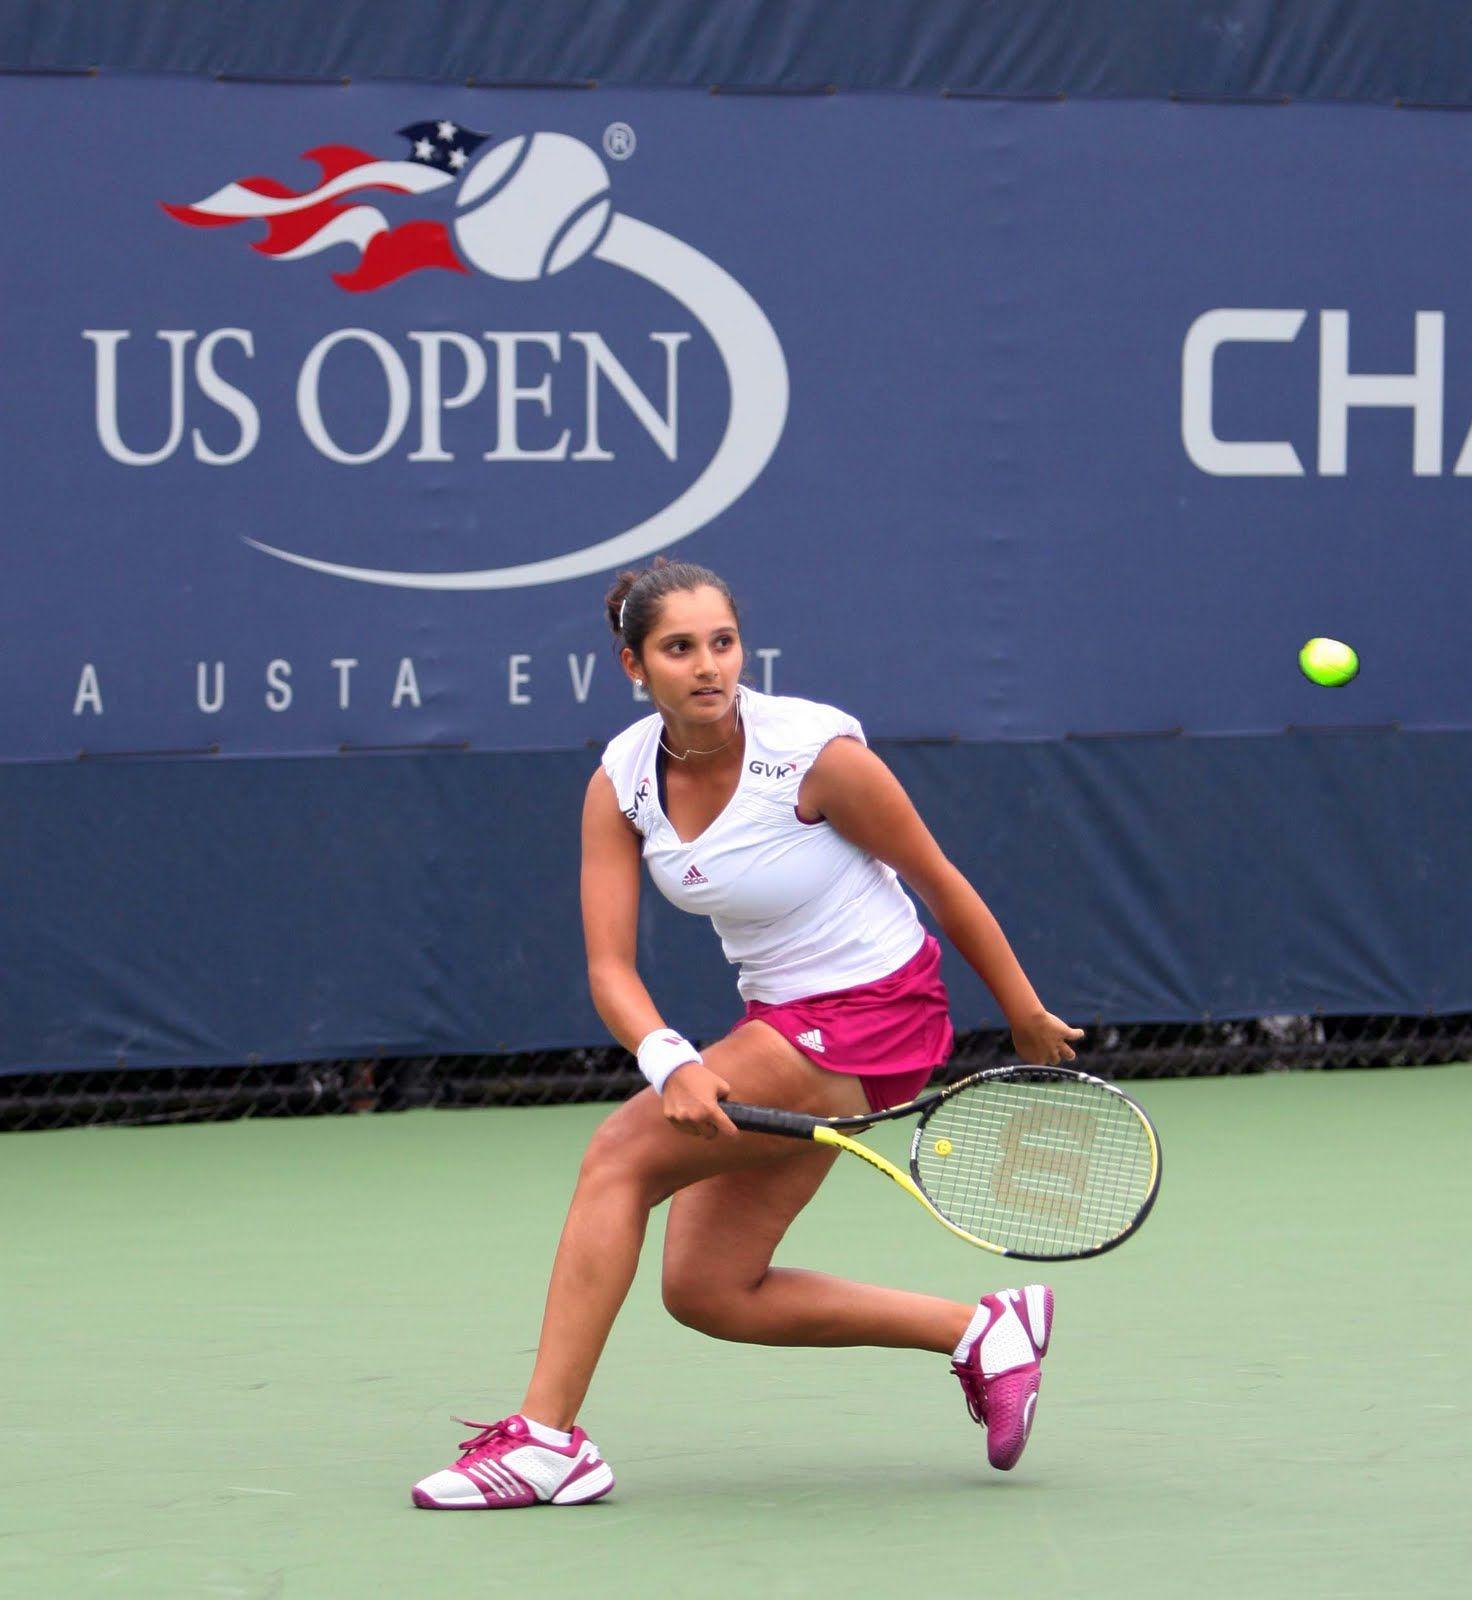 Mirza tennis sania